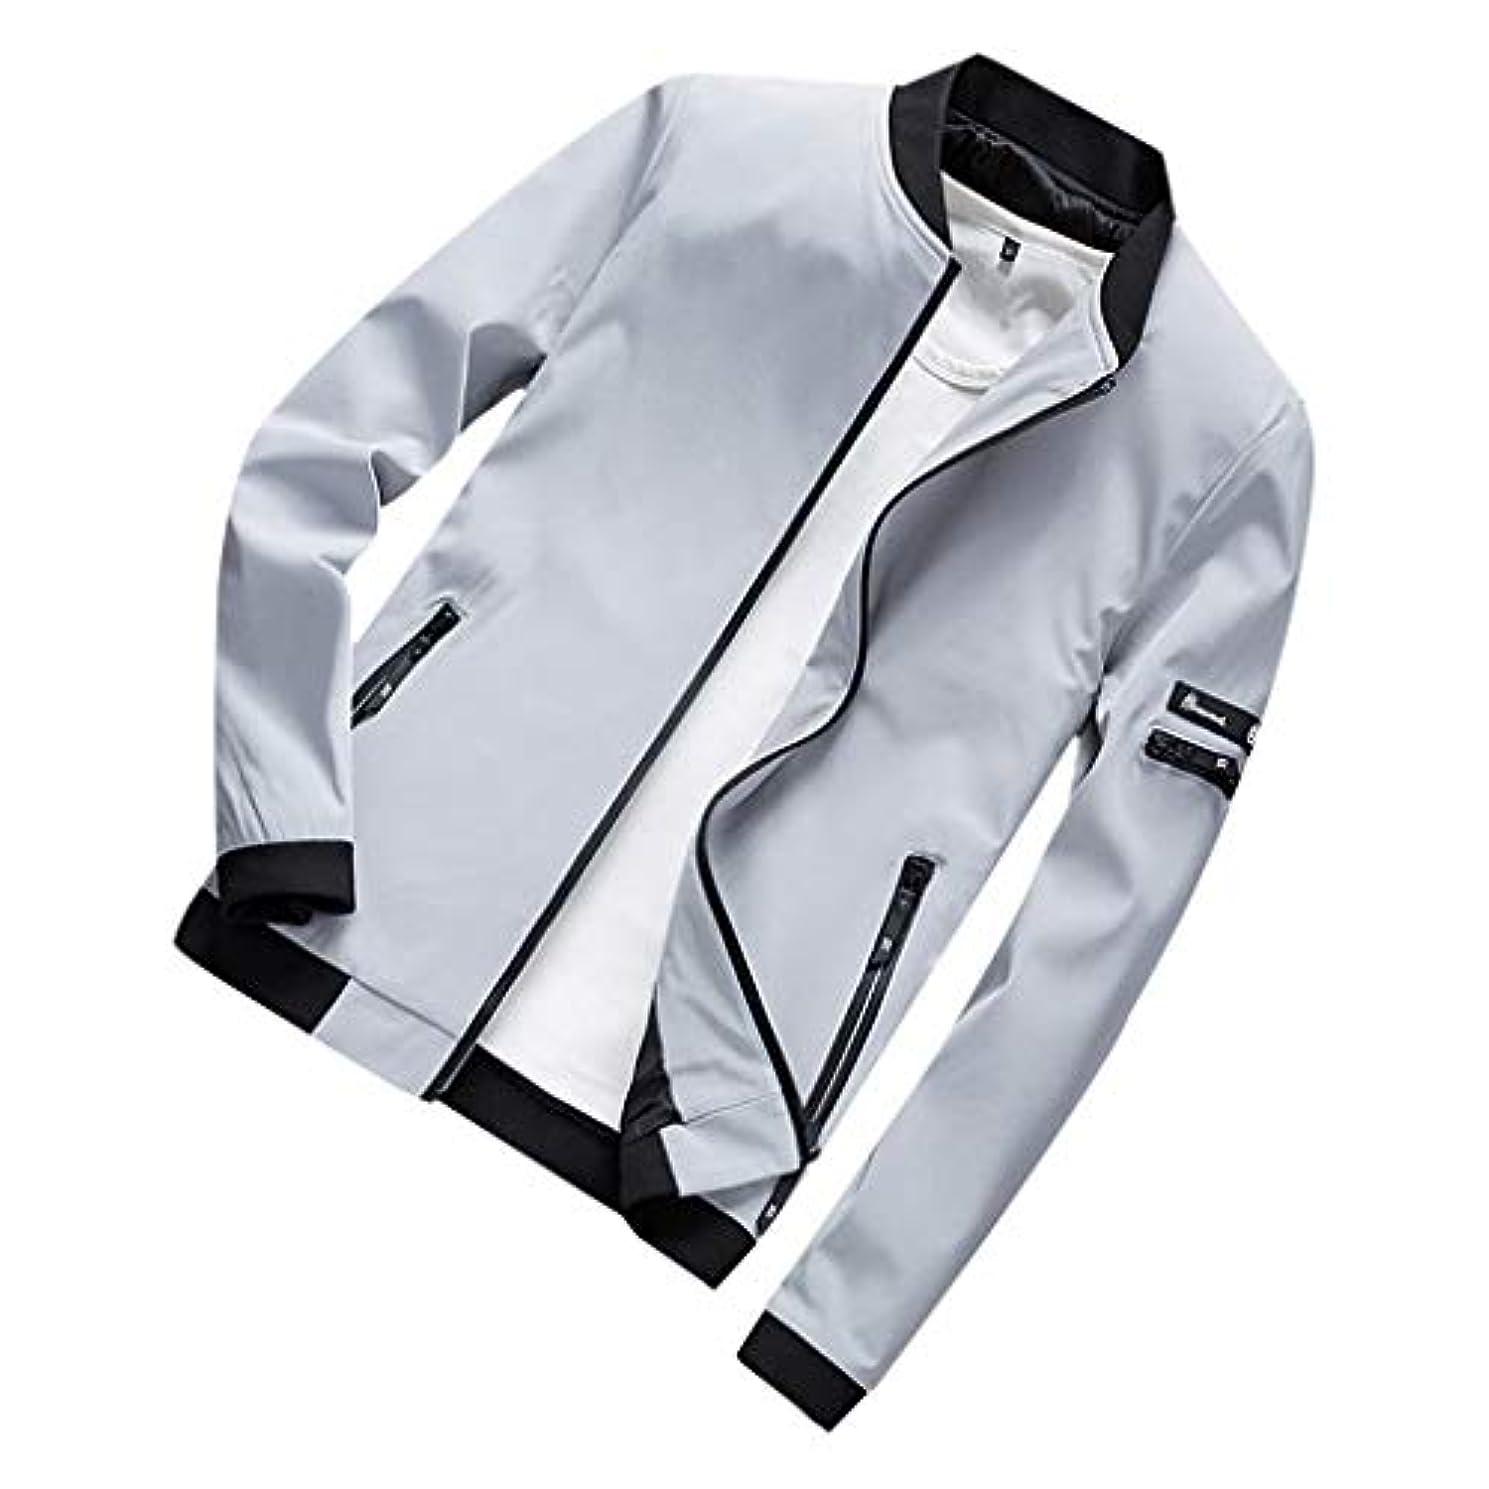 刺激する渦地獄ジャケット メンズ コート ブルゾン 秋 冬 防水 無地 カジュアル 綿 大きいサイズ アウター 黒 ストレッチ ビジネスシャツ 細身 ジャケット